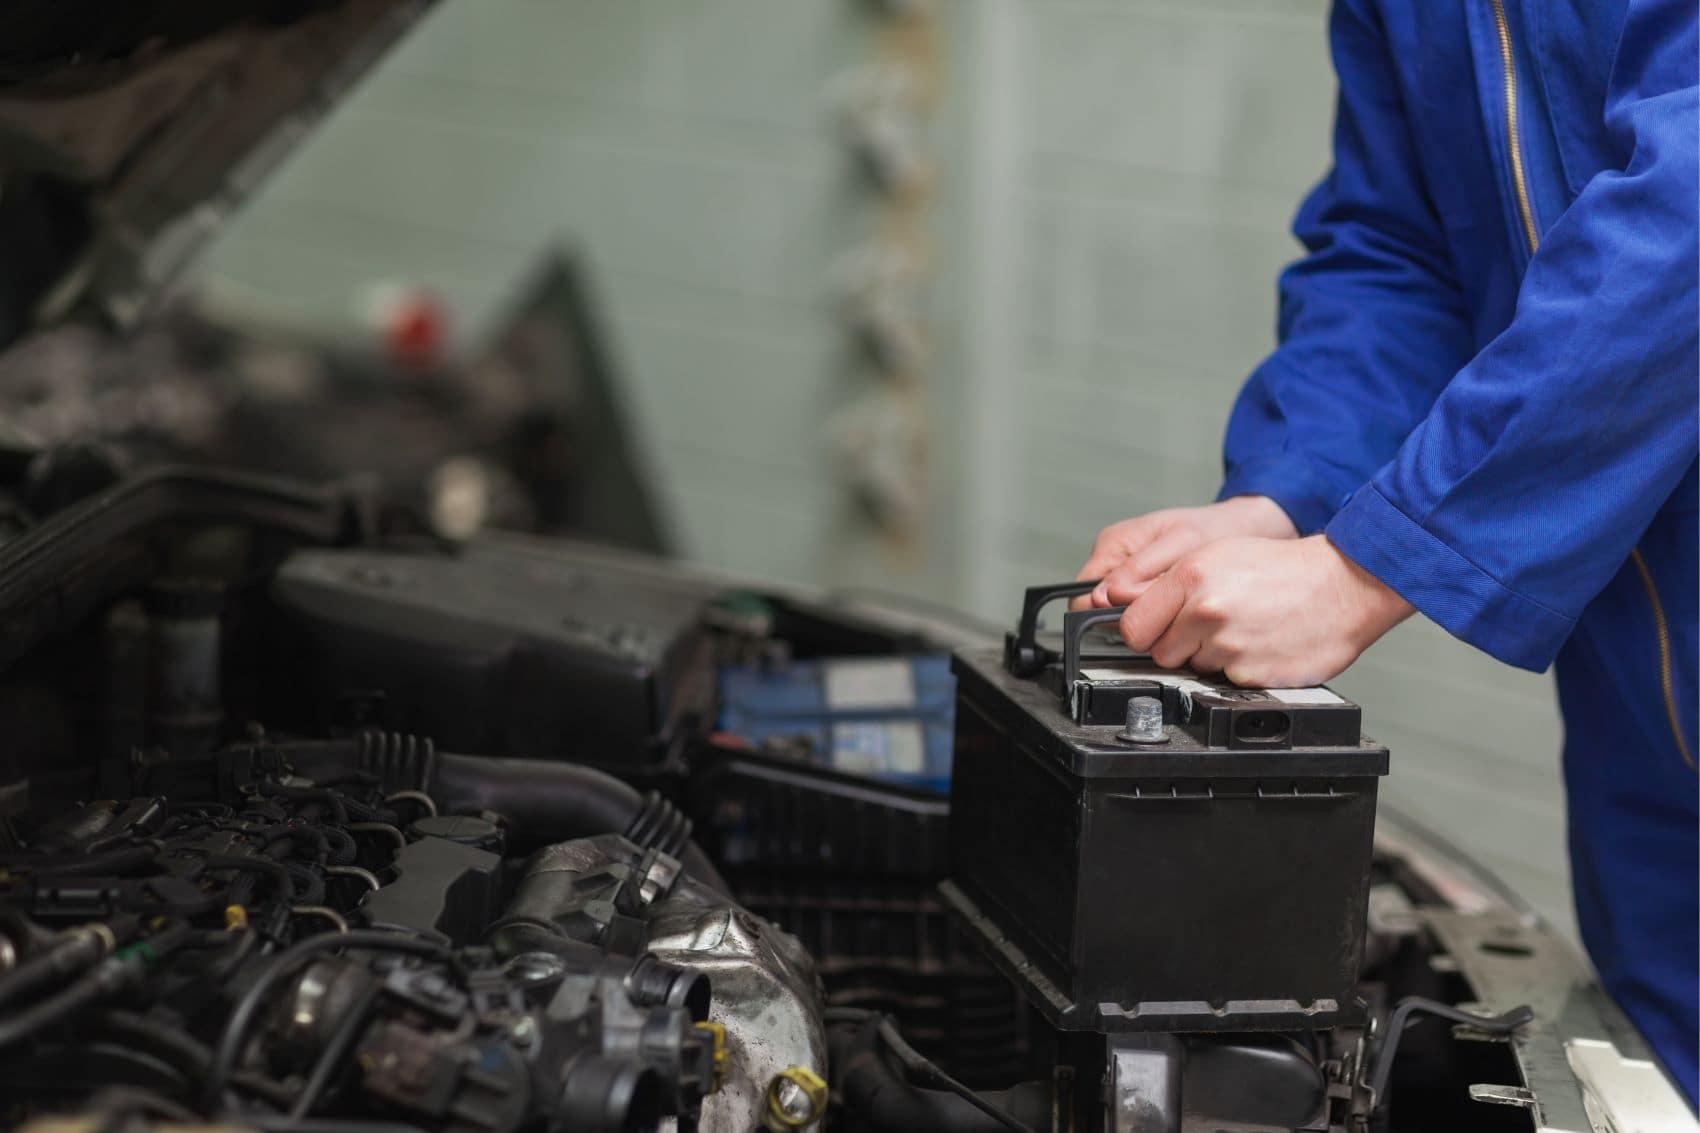 Mechanic installing a car battery